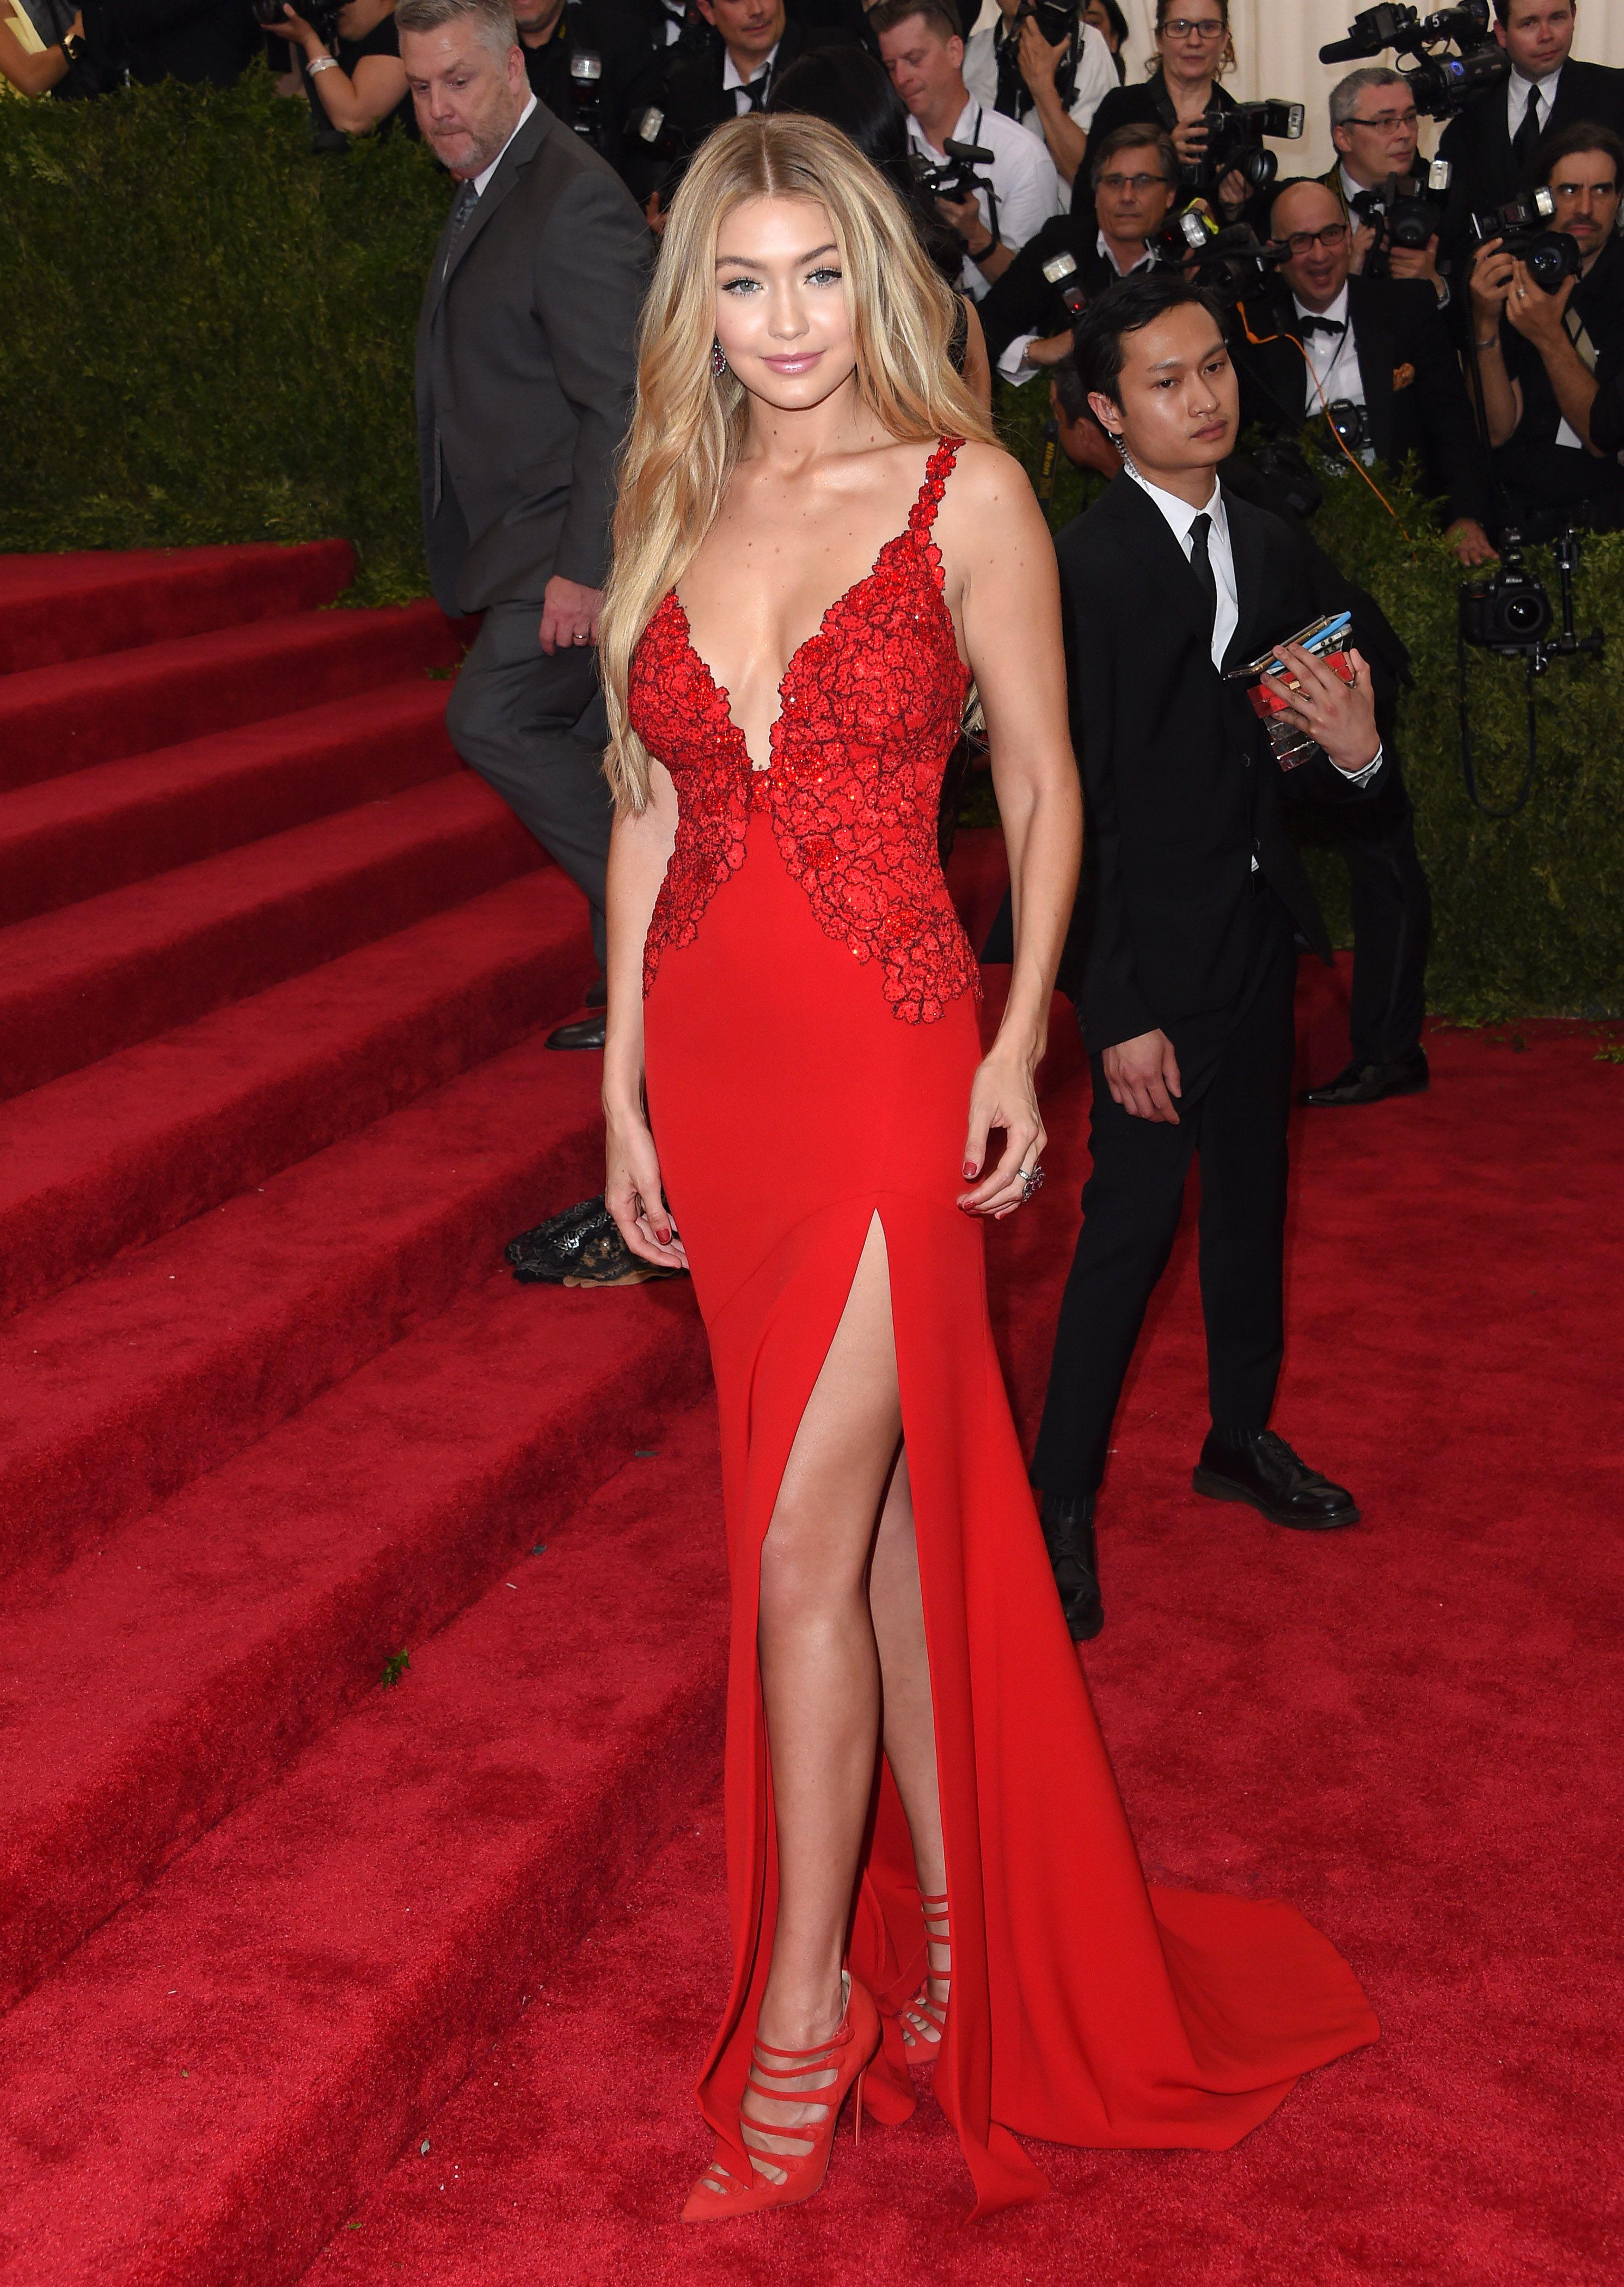 82 Photos Of Gigi Hadid S Hottest Looks Celebrity Dresses Gigi Hadid Outfits Met Gala Looks [ 4200 x 2983 Pixel ]